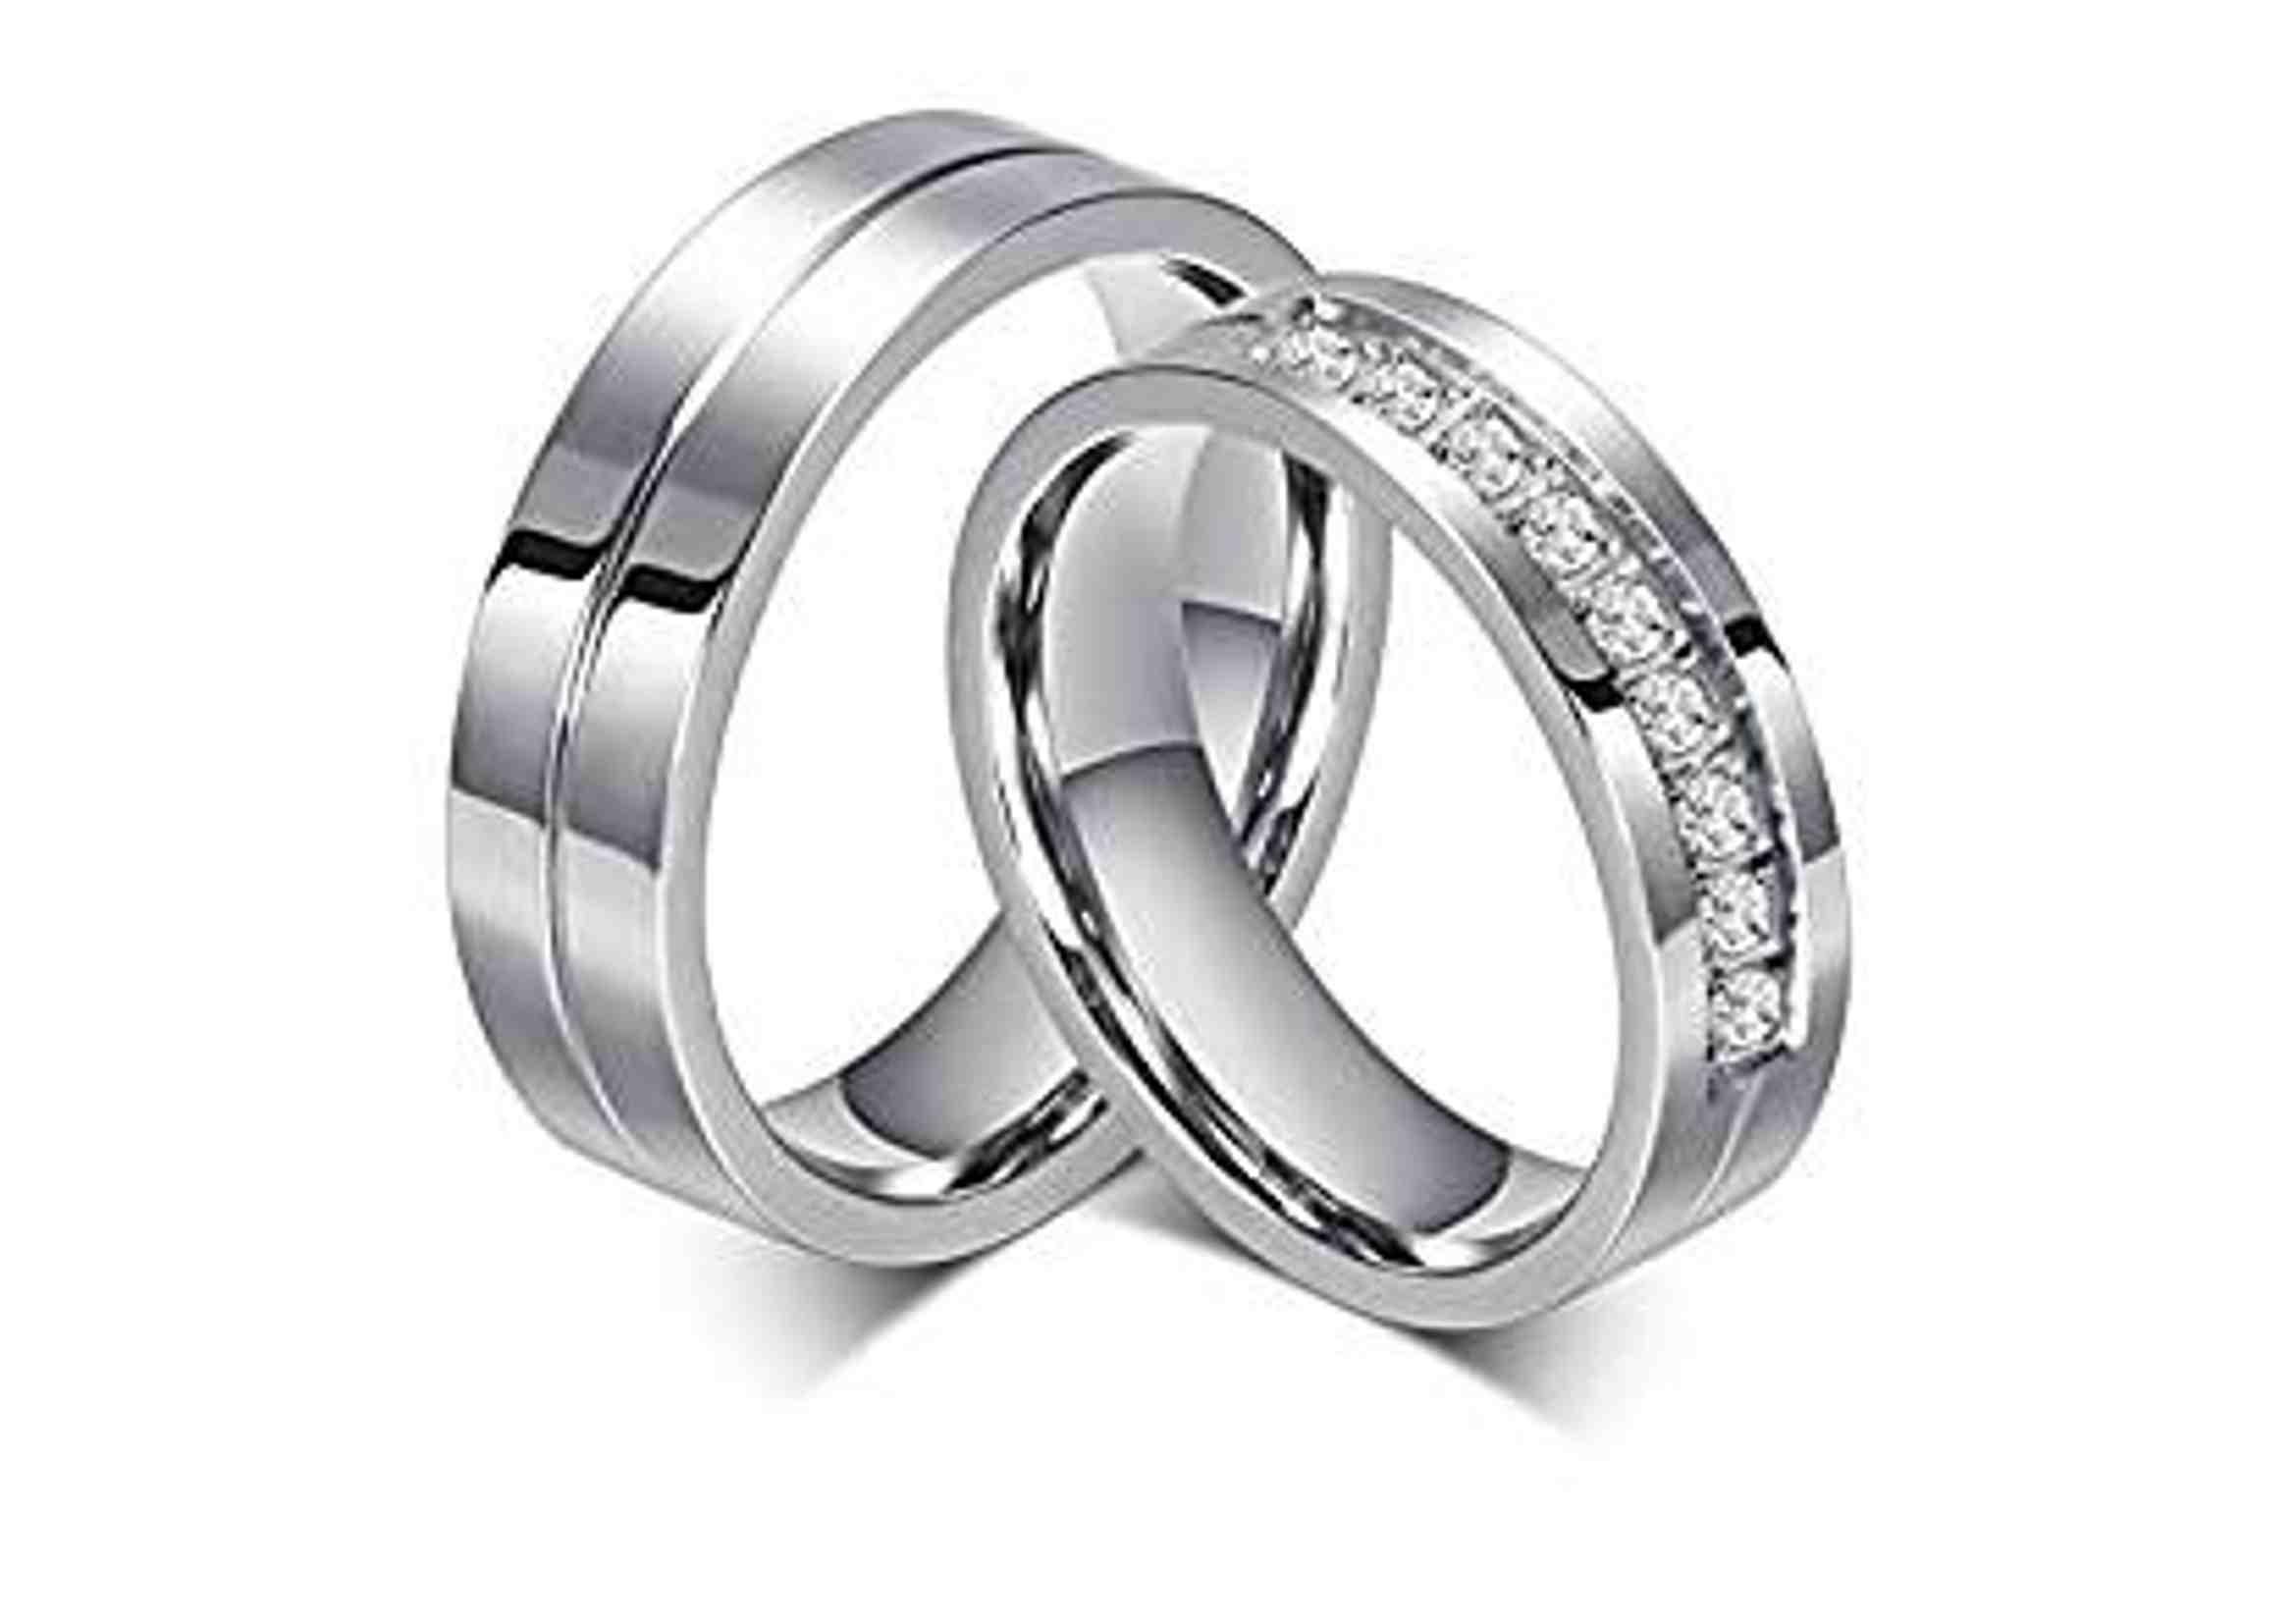 anillos de compromiso pareja